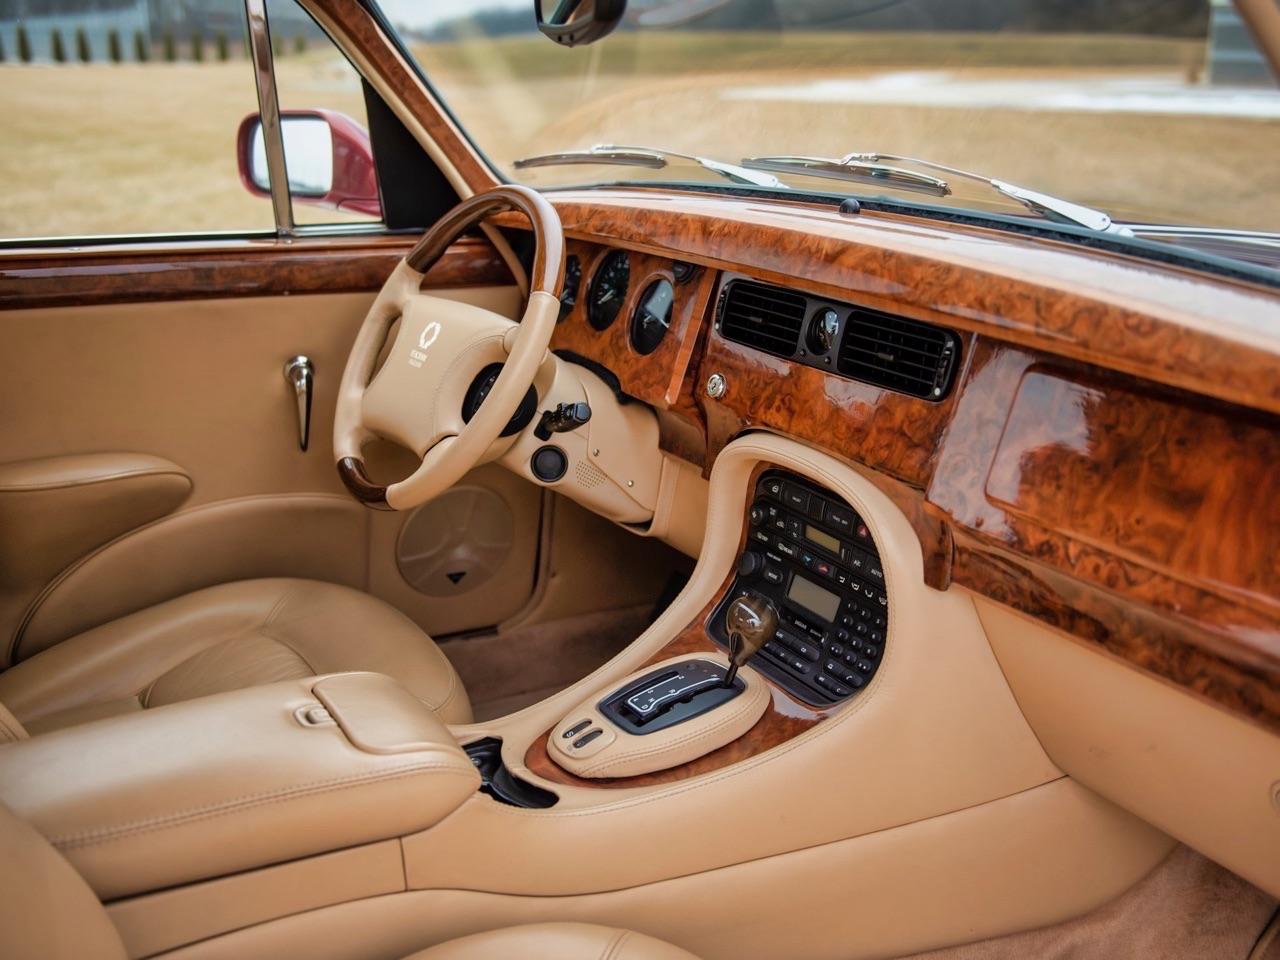 Restomod Jaguar MkII 3.8... enfin, plutôt Beacham V8 Supercharged ! 10